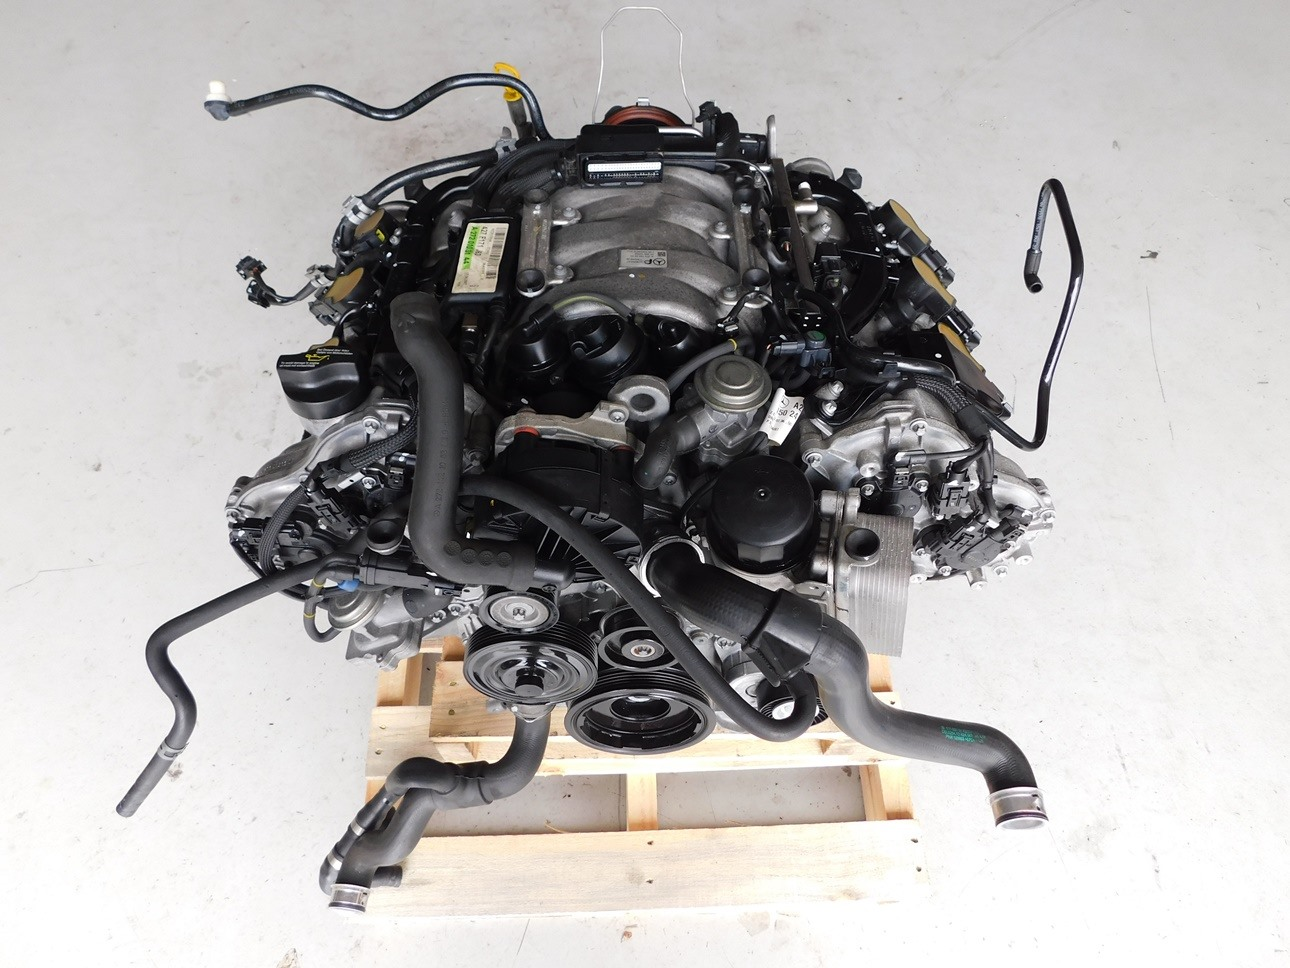 Details about Mercedes Benz SLK 350 R171 2007 M272 V6 3 5L Engine Motor J111